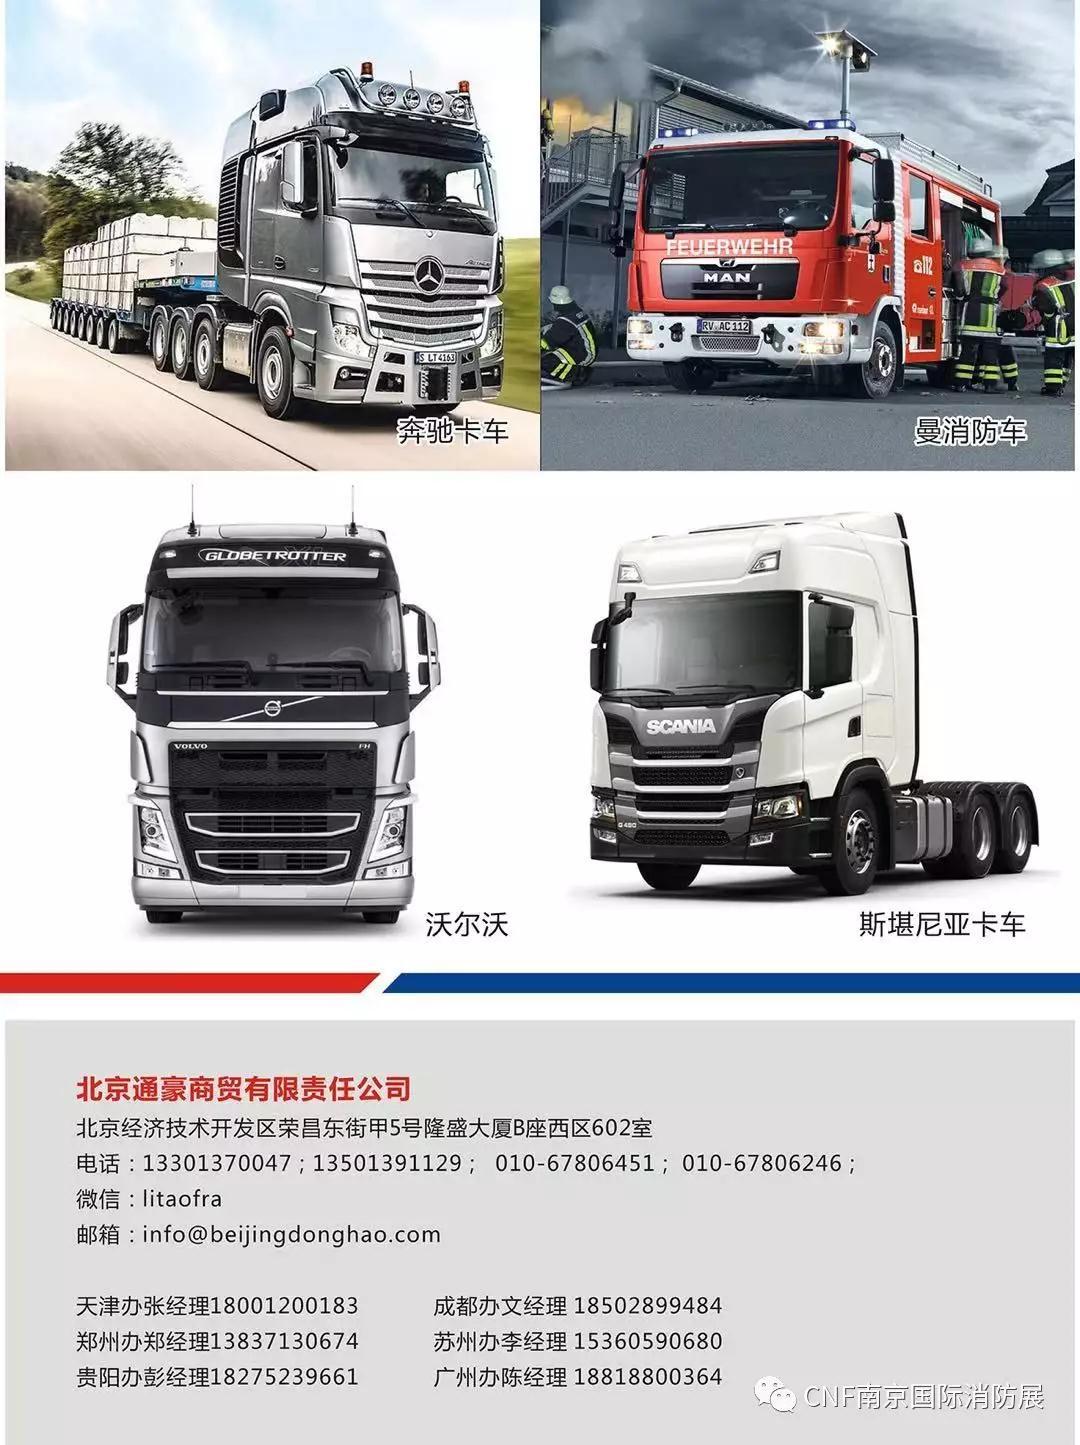 北京通豪邀您参观2020年5月CNF南京国际消防展会|展位号:2095